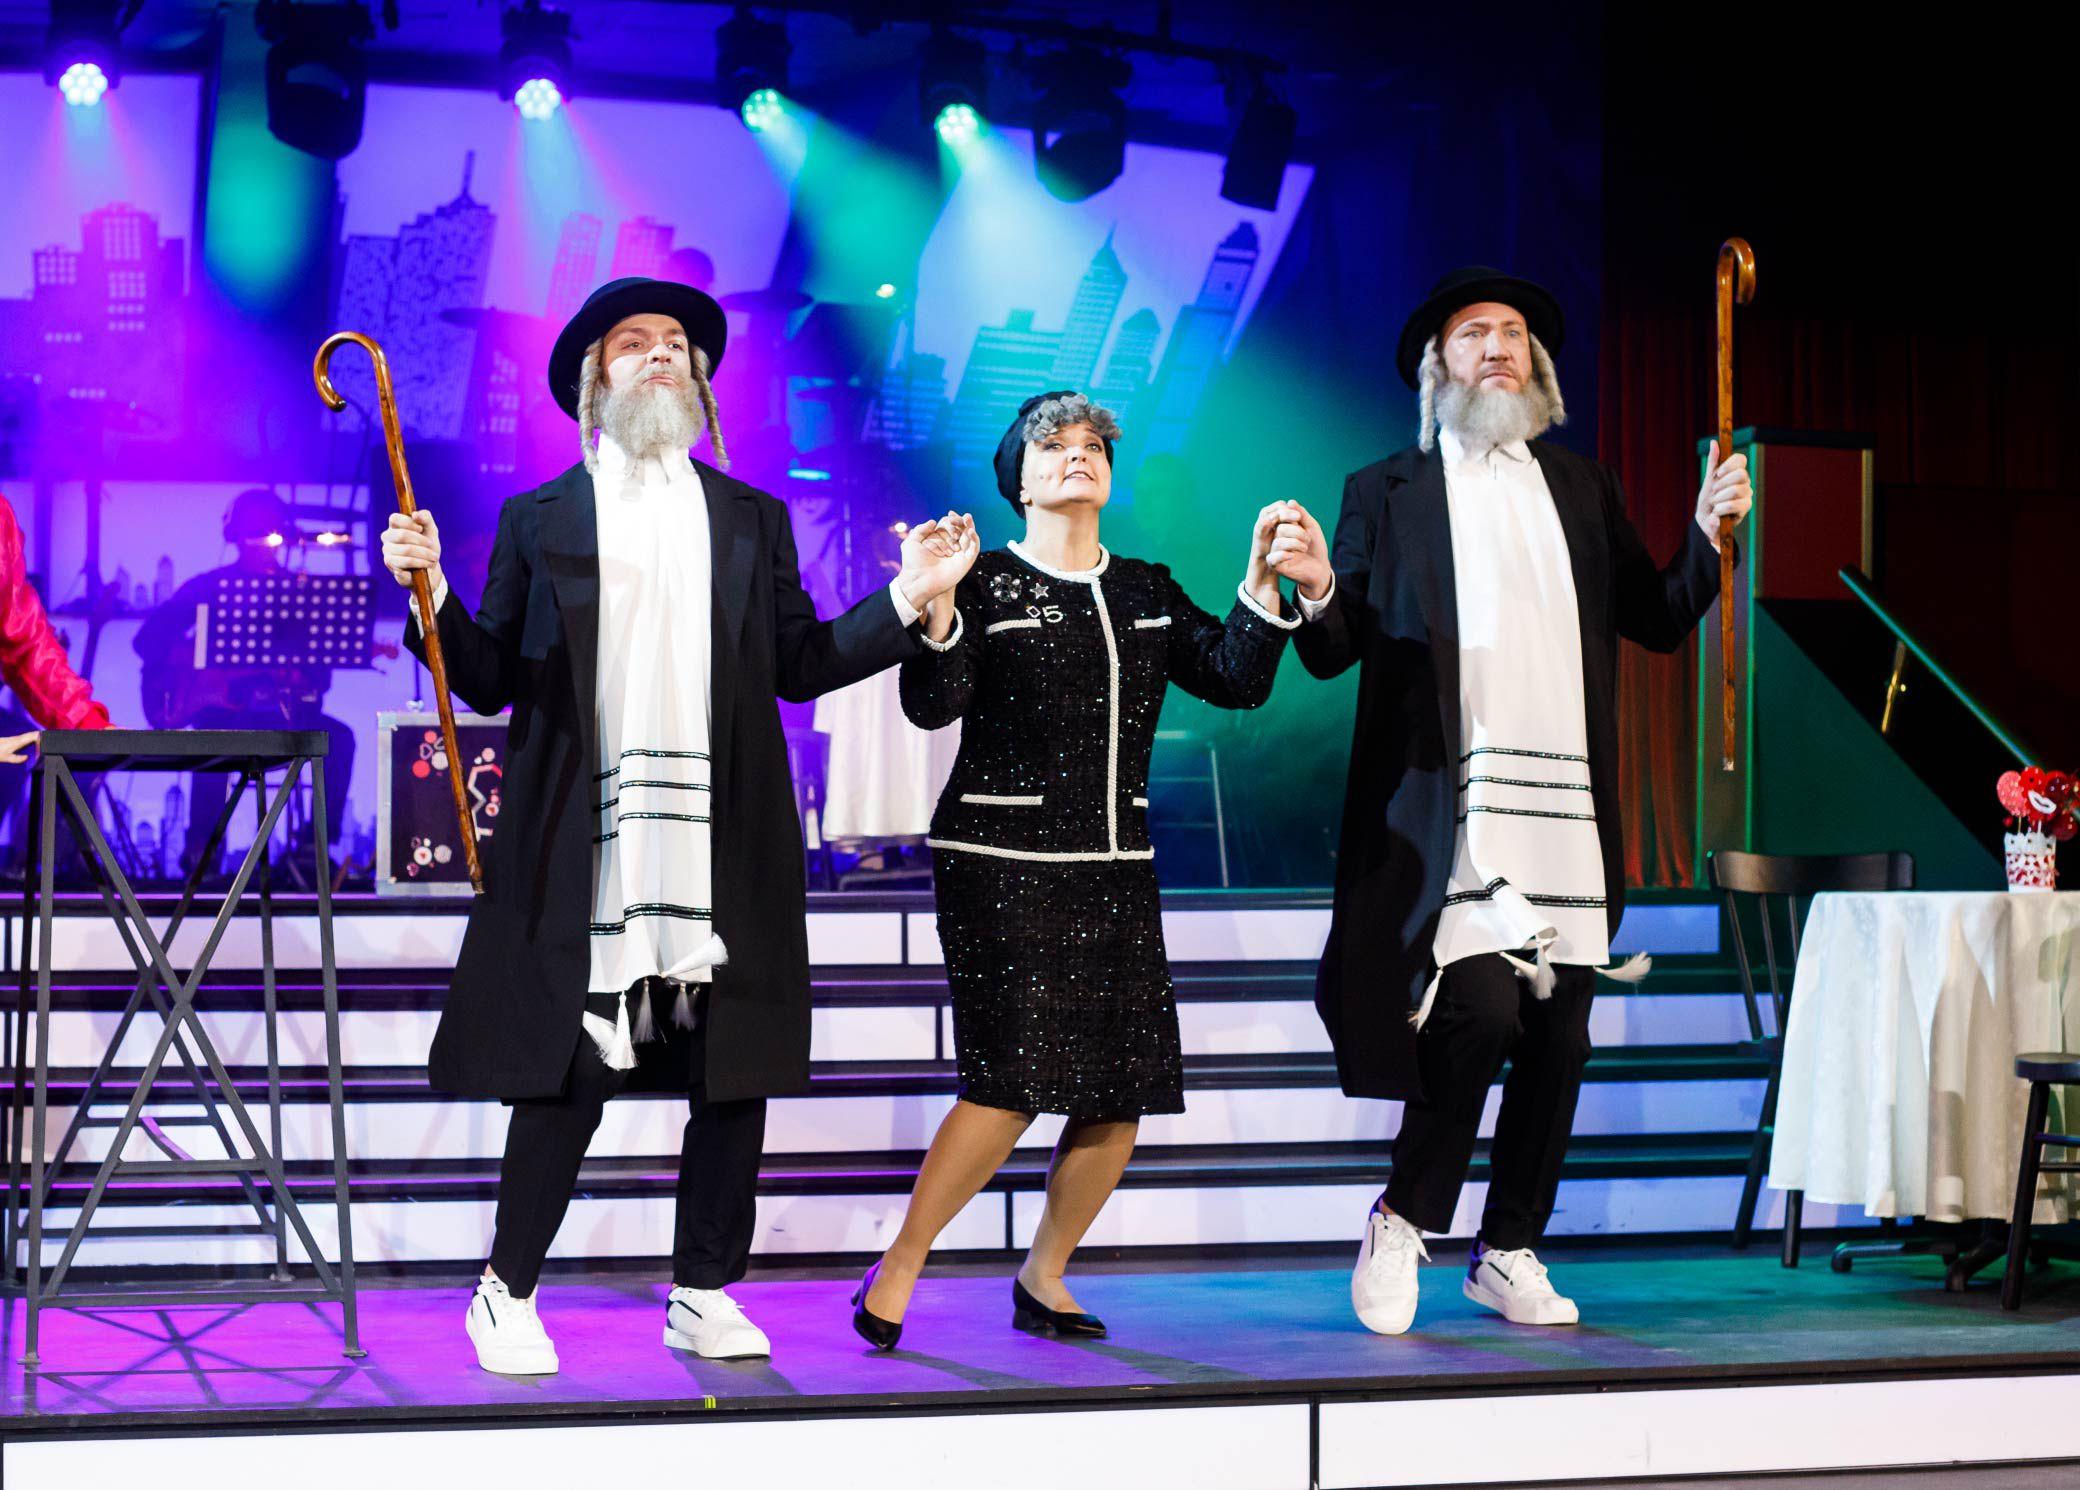 Мюзикл за столиками «День влюблённых» в Театре МДМ фото 7